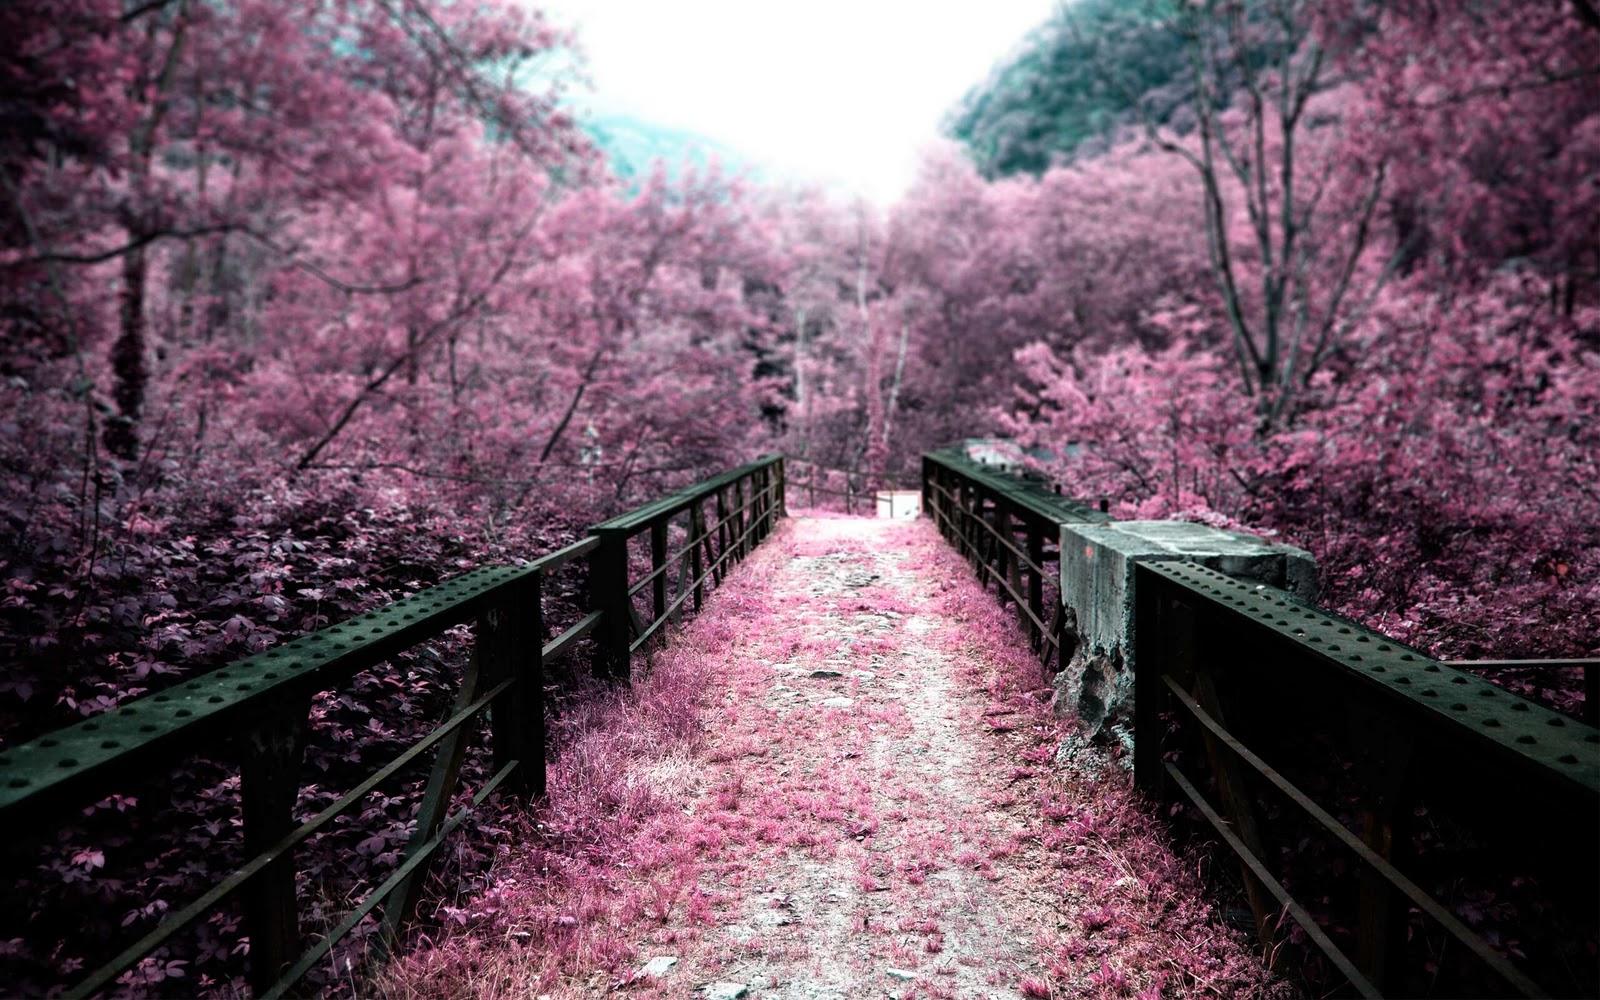 http://1.bp.blogspot.com/-6cb3w7zH6RI/TnXWU4sGWTI/AAAAAAAAAmg/ty0JdM2fWNY/s1600/Bridge+in+Scanolera+by+Robert+Anderson.jpg